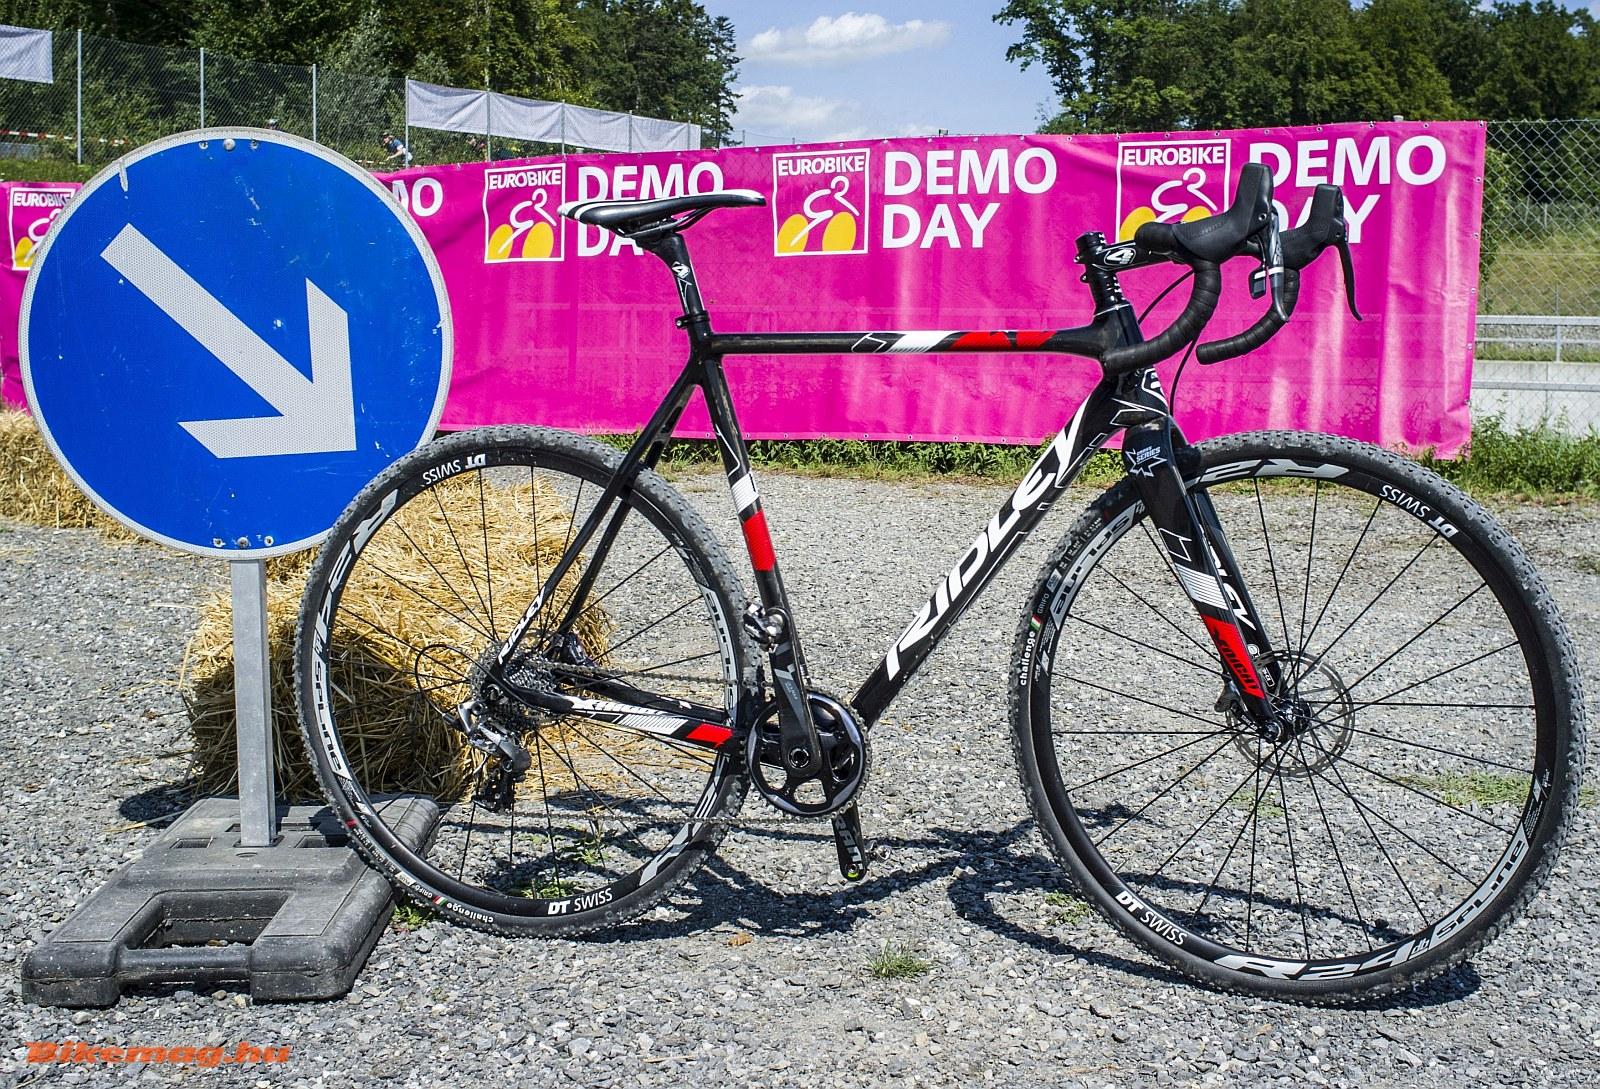 A Ridley a klasszikus belga iskolát követi, jól látható a cyclocross versenygeometria